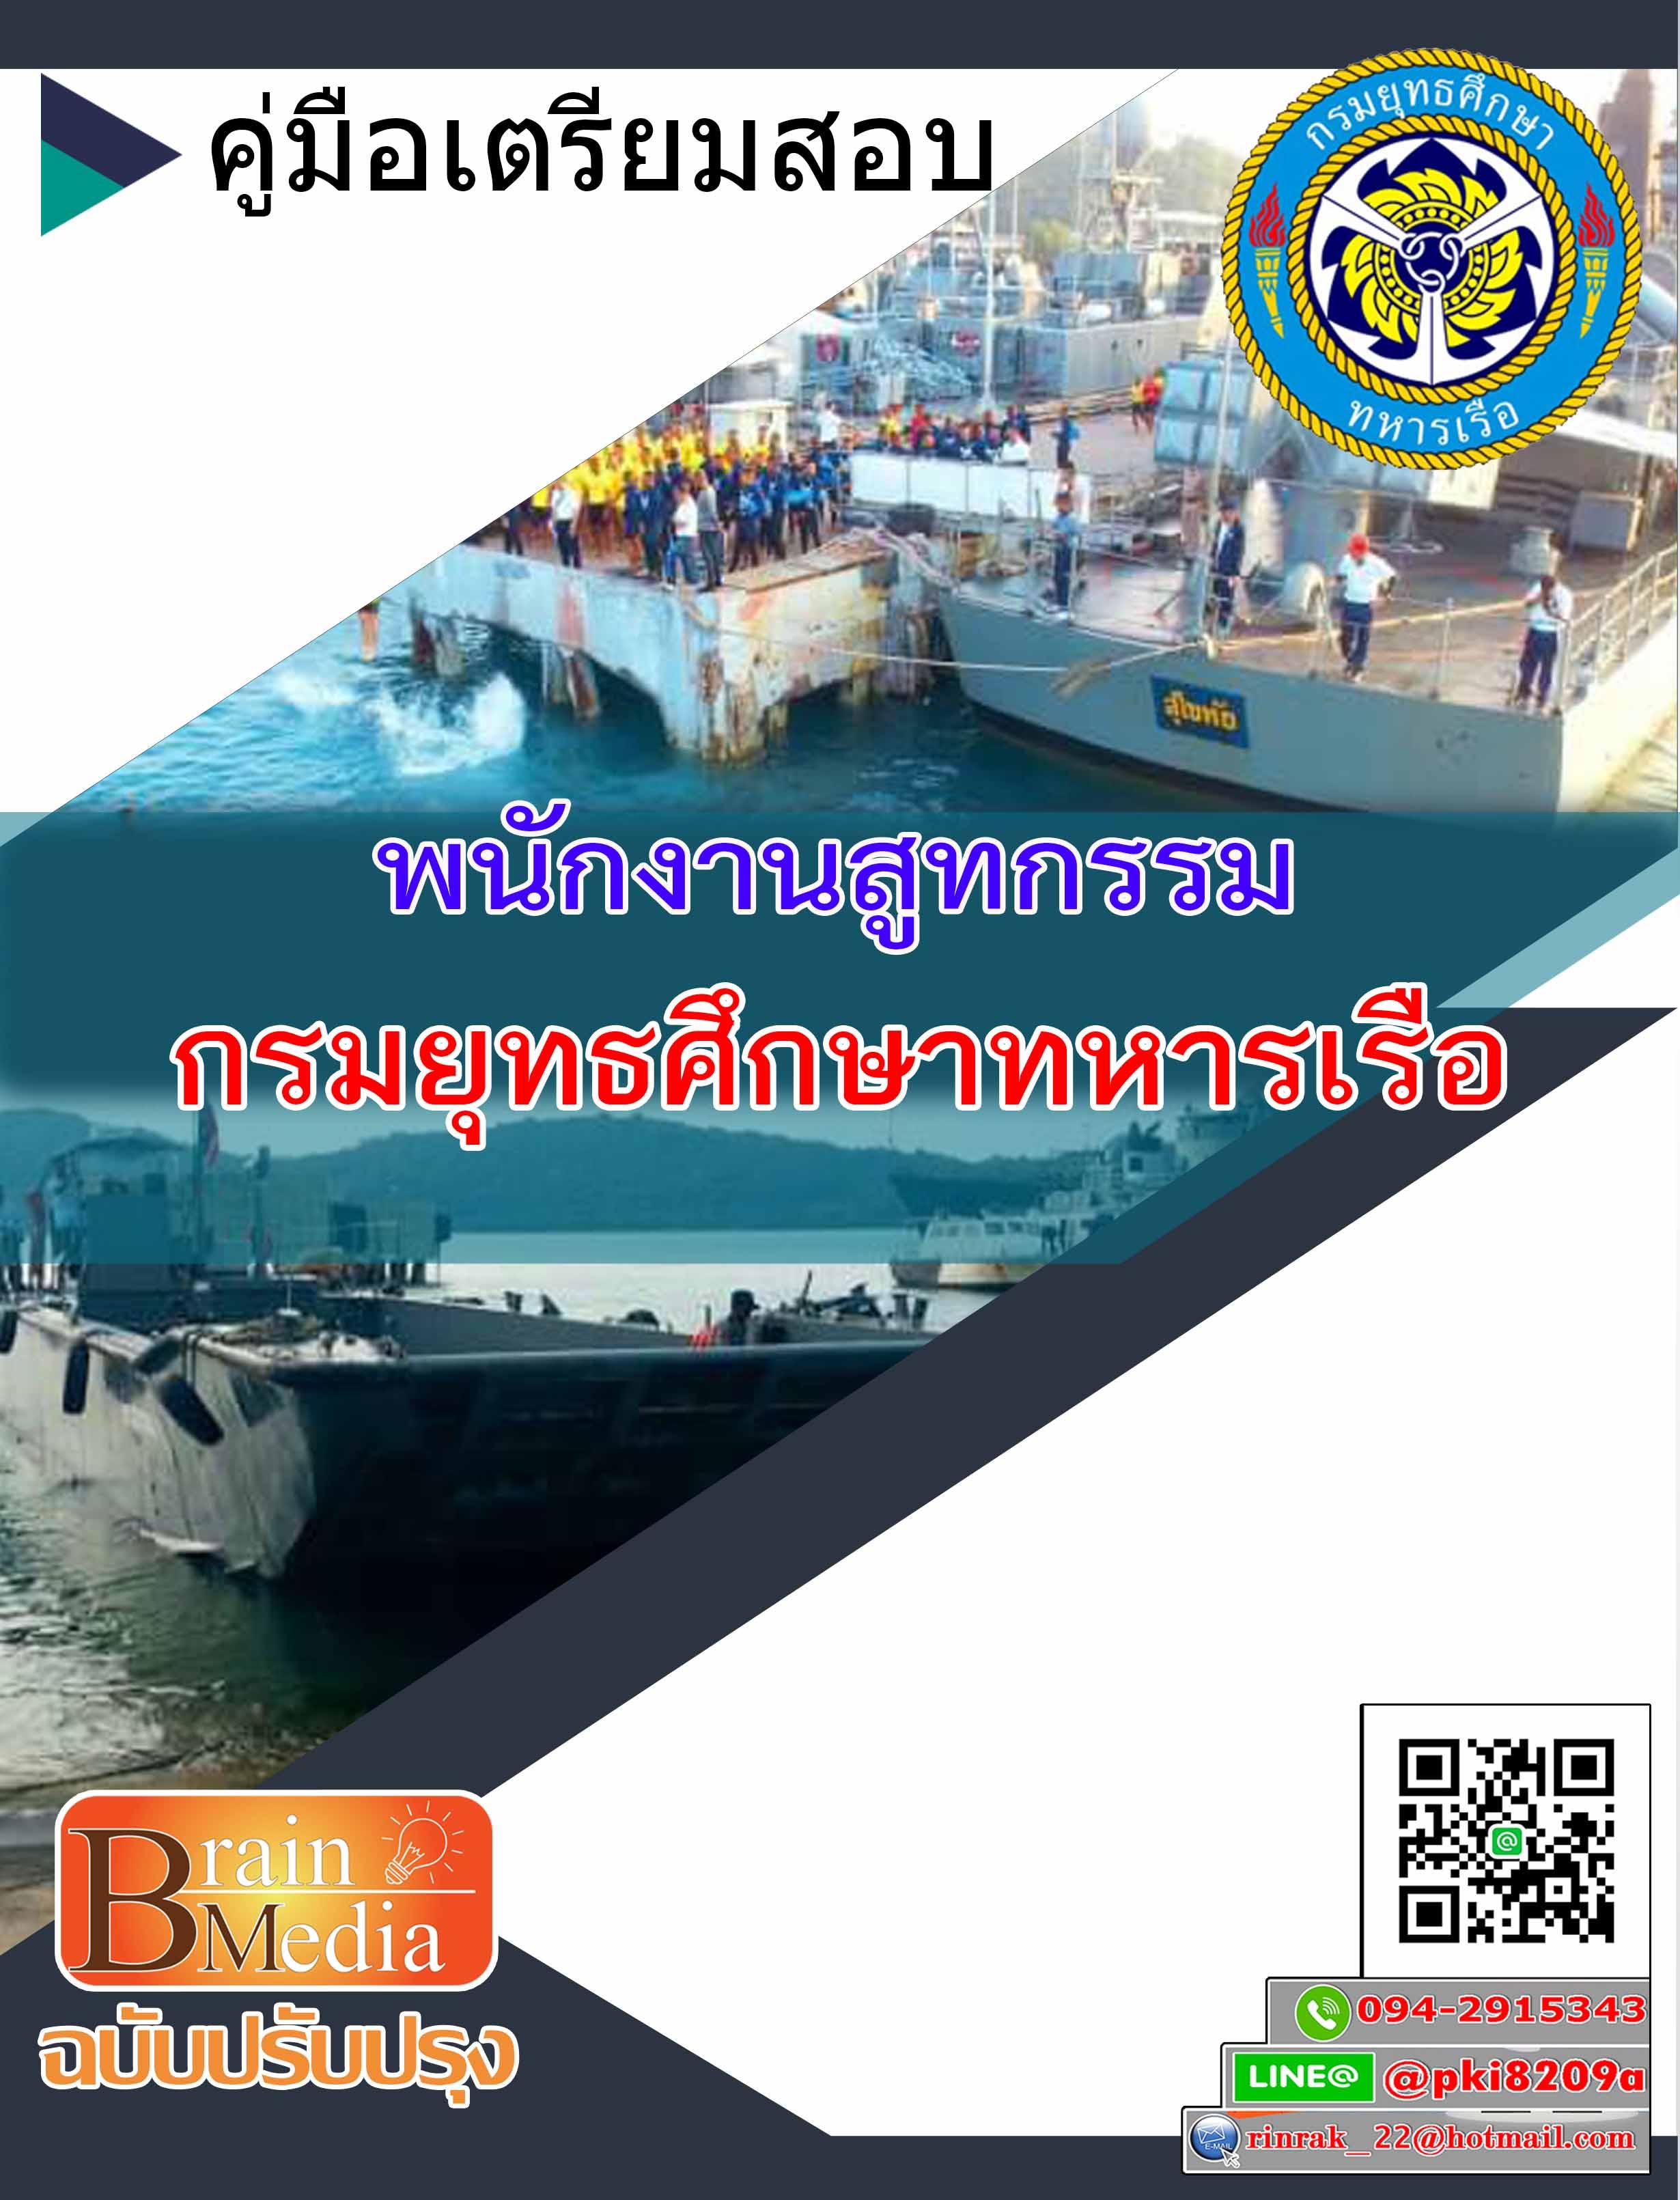 แนวข้อสอบ พนักงานสูทกรรม กรมยุทธศึกษาทหารเรือ